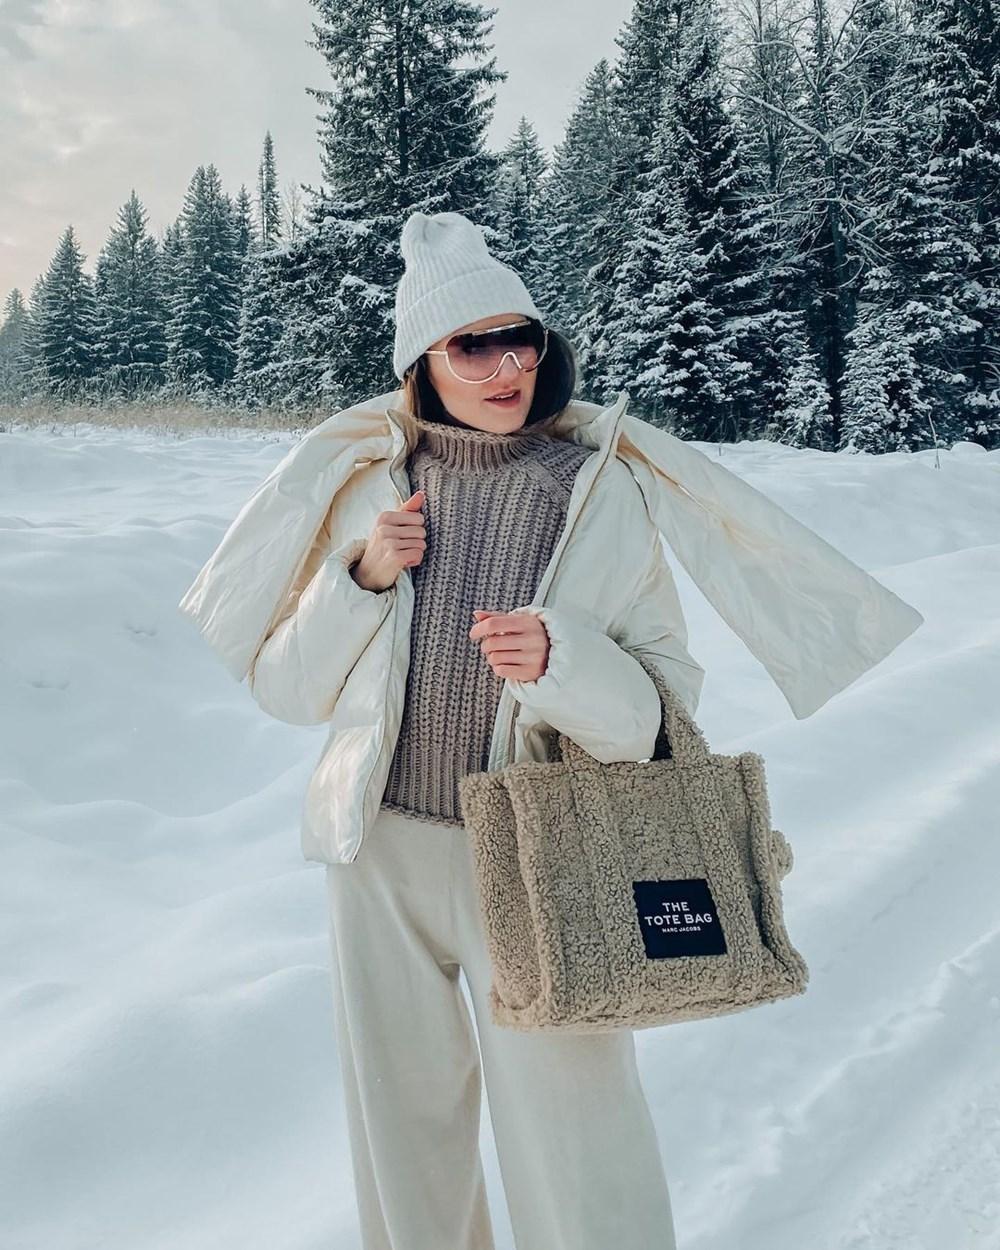 Instagram fenomeni Kristina Zhuravleva ormanda ölü olarak bulundu - 3